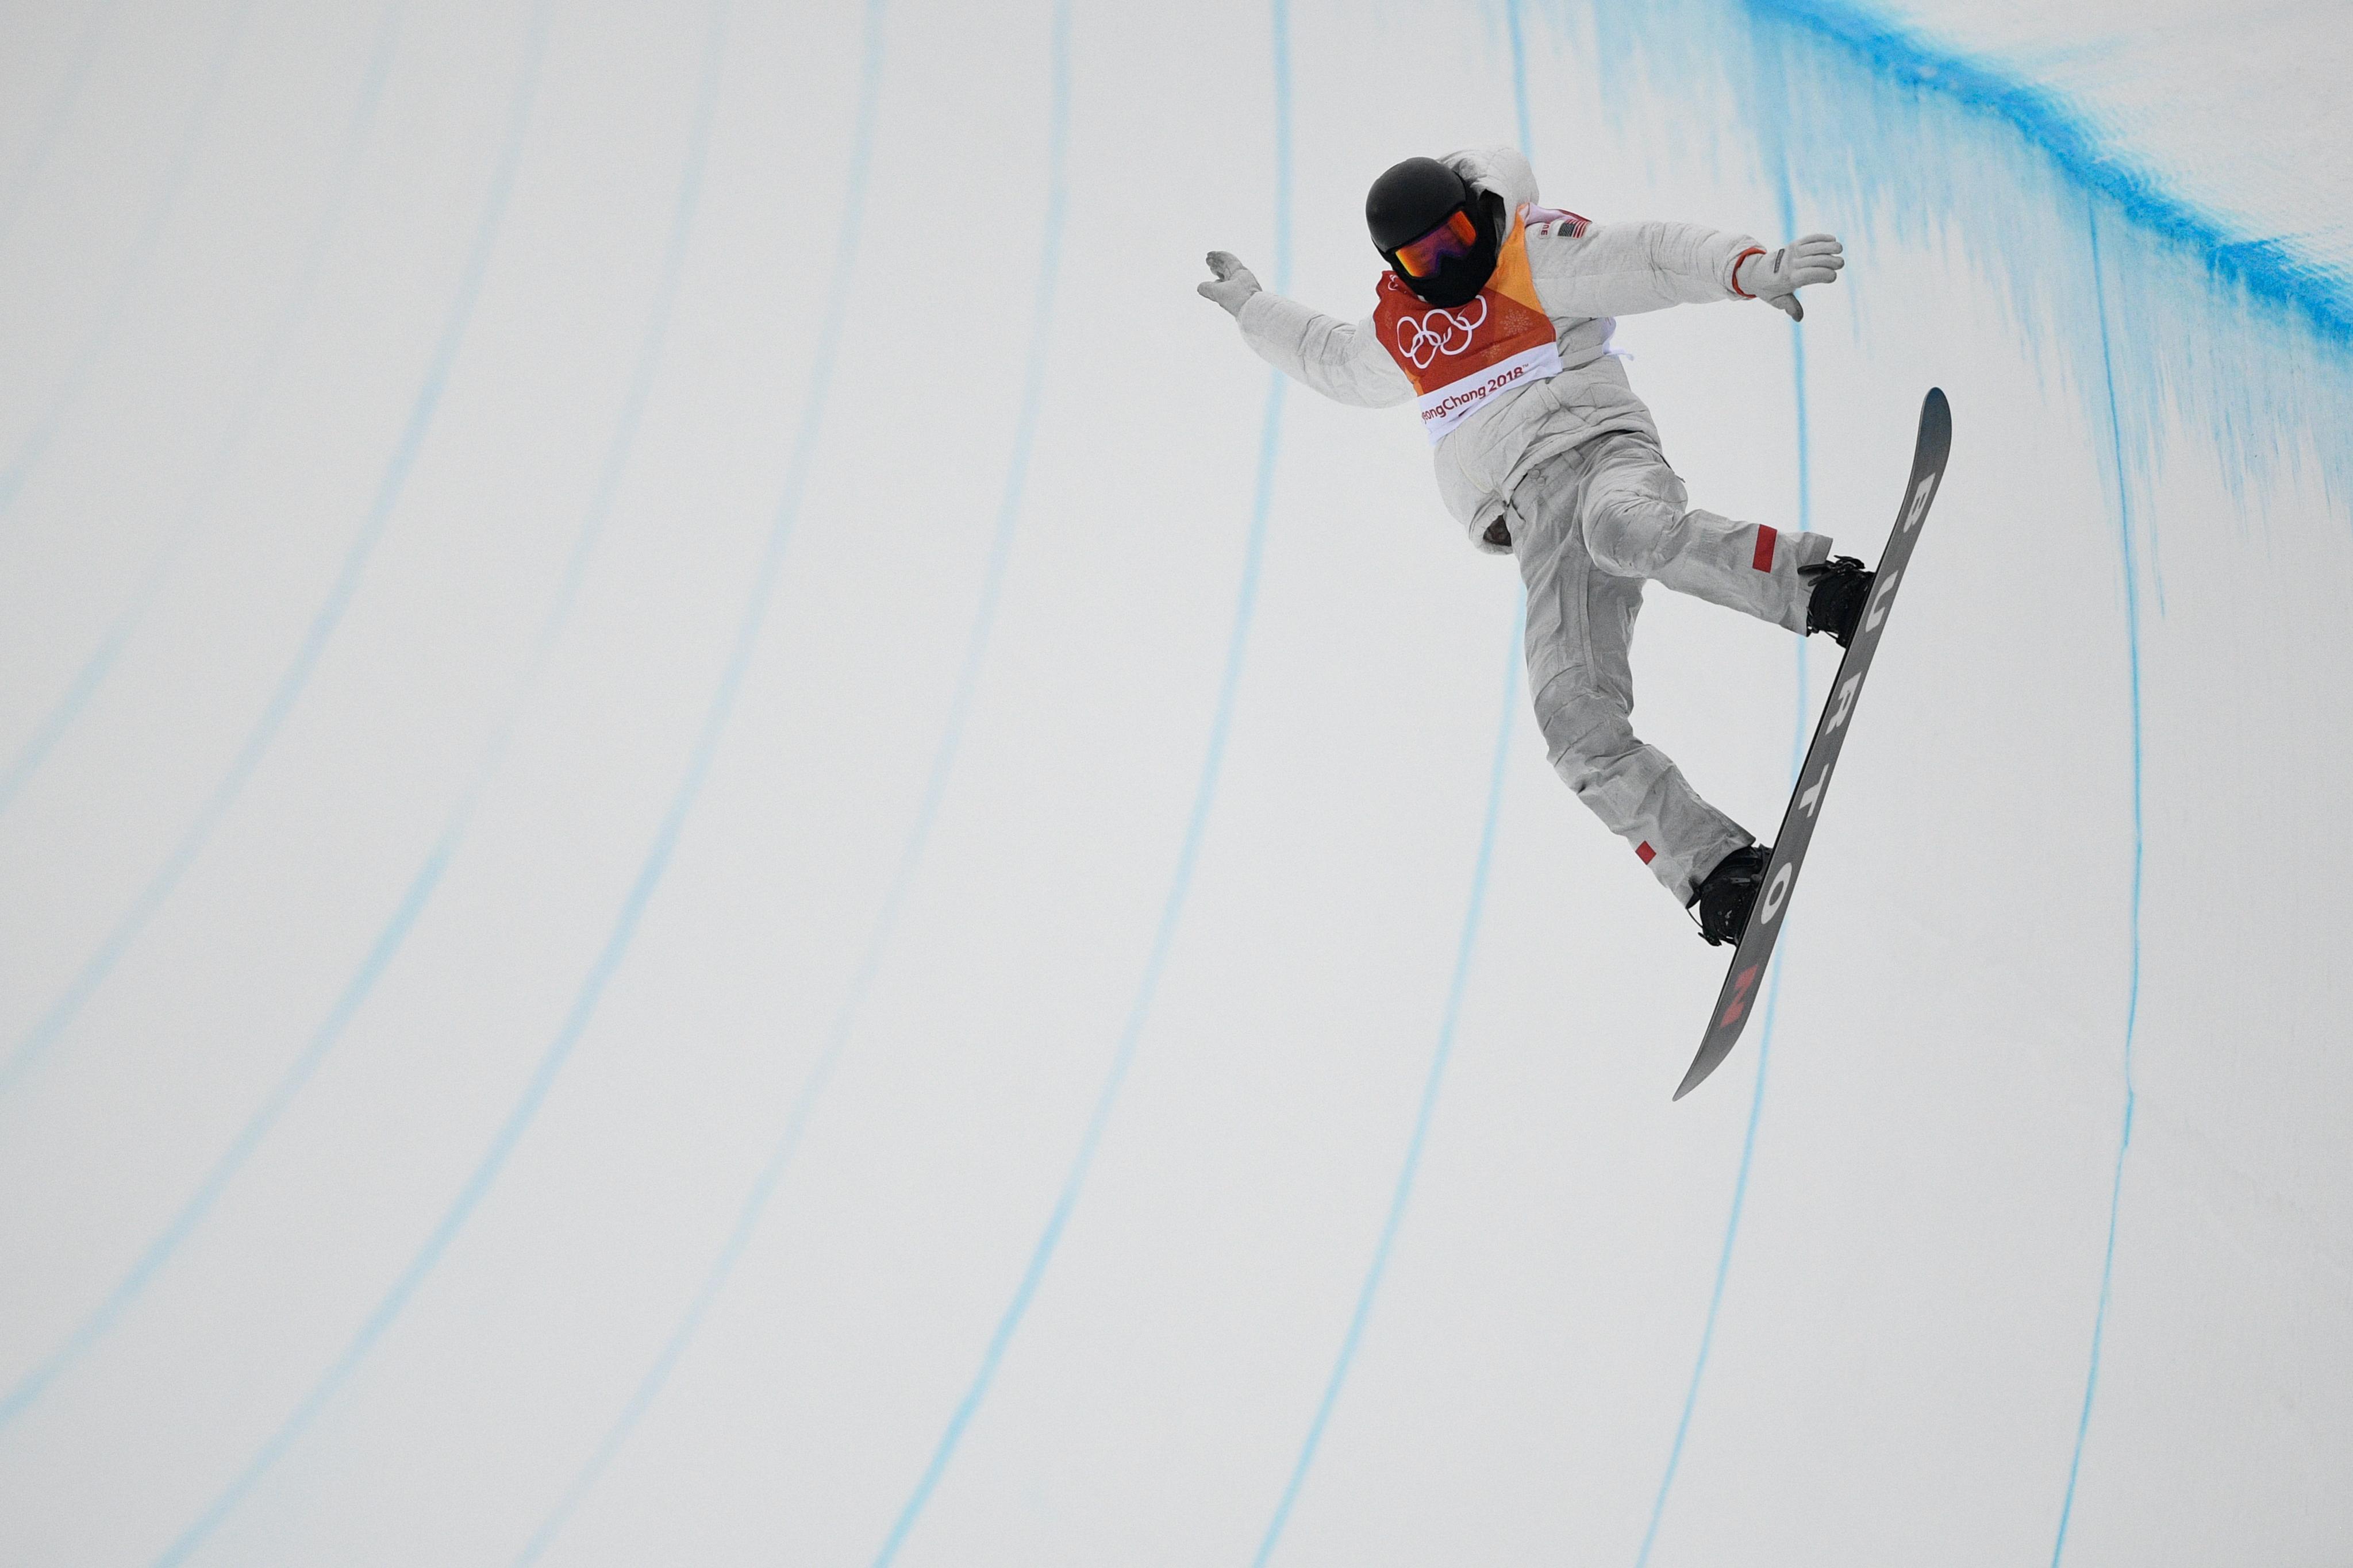 Calgary visszavonja az olimpiai pályázatát